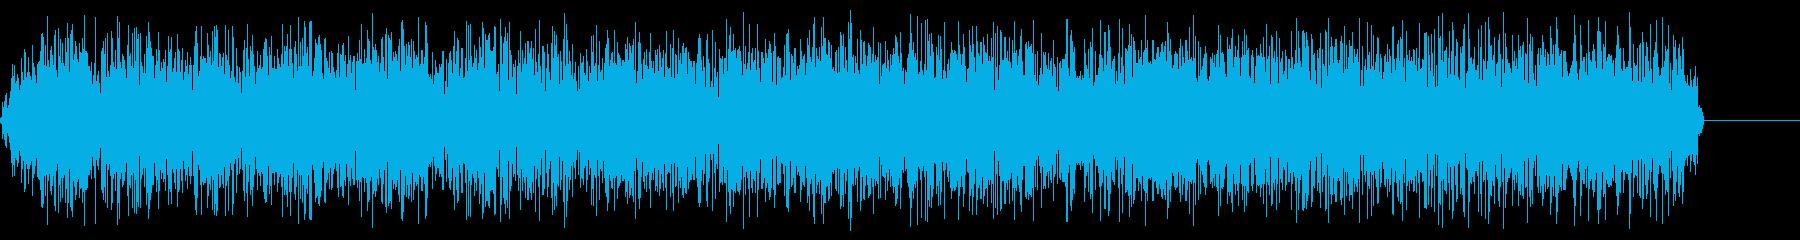 ダークズーム-Fx Musicの再生済みの波形